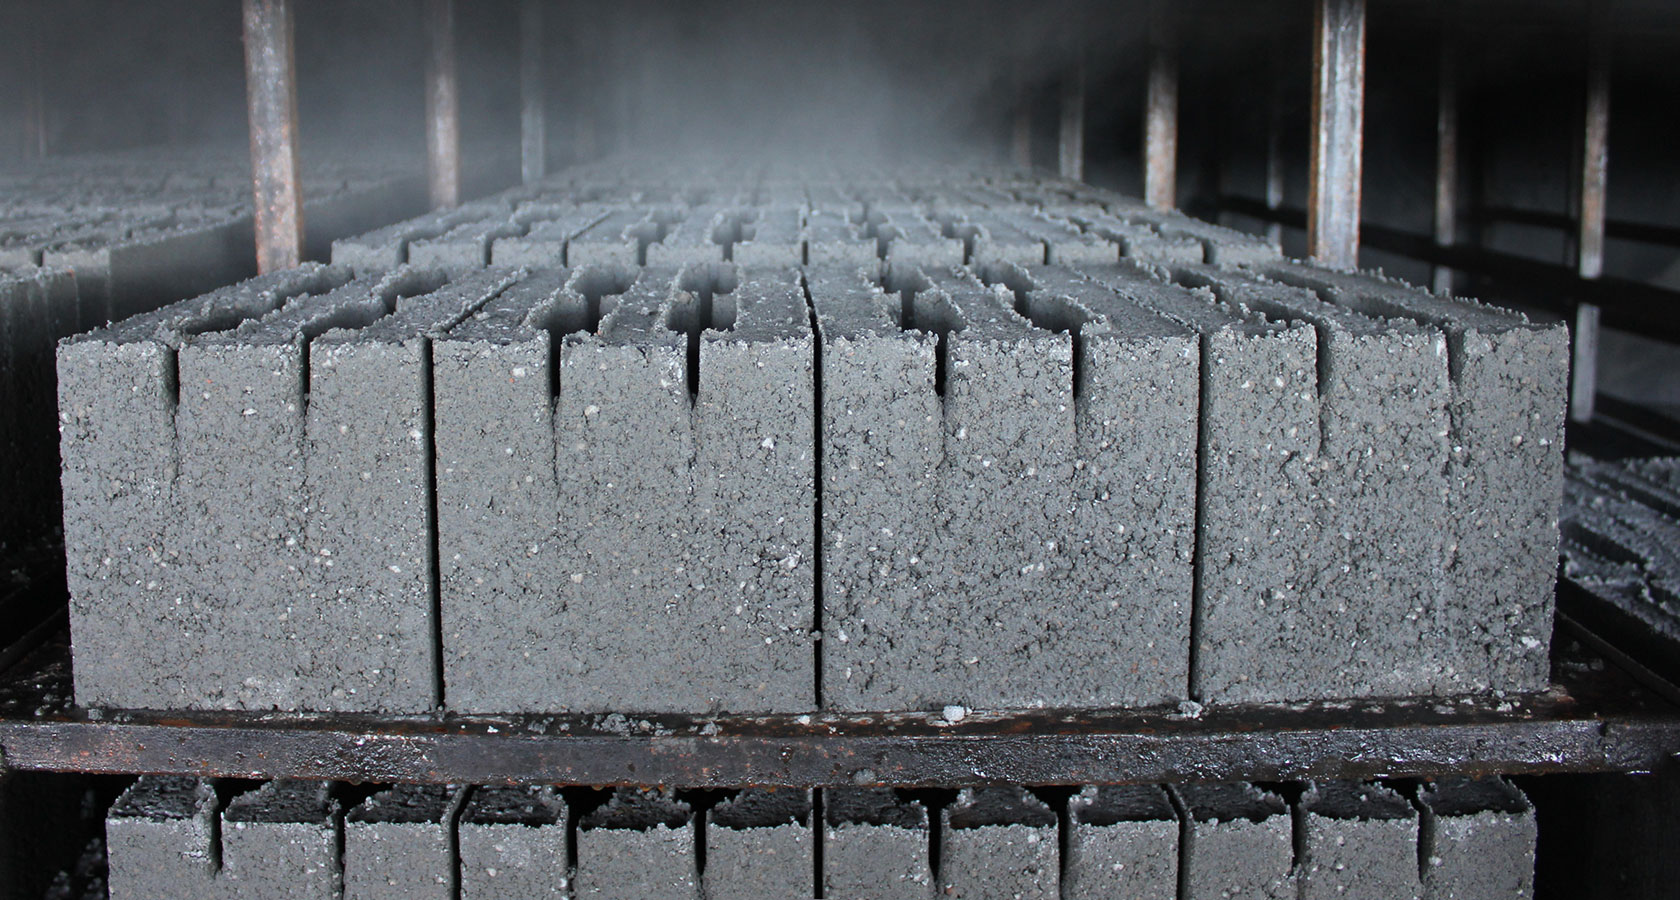 Утолщенные блоки на лотках